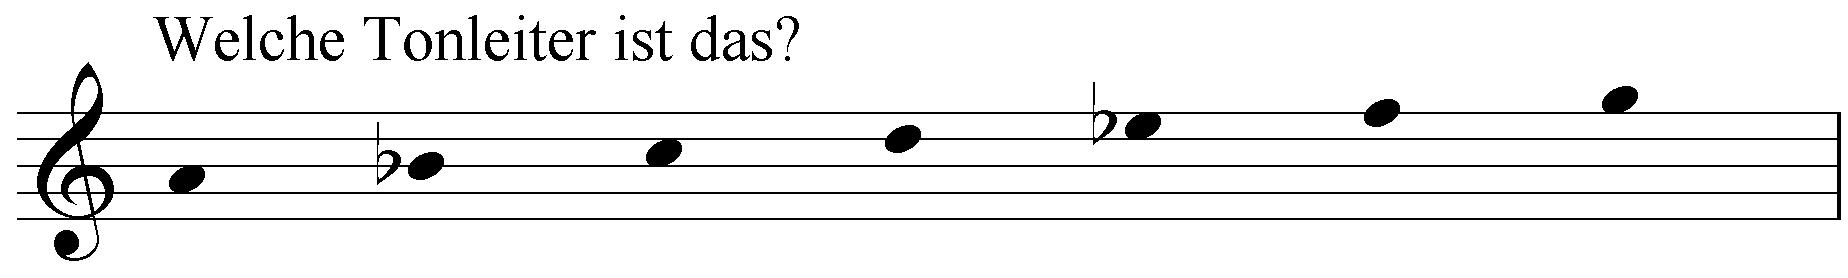 Welche Tonleiter ist das: a b c d es f g?